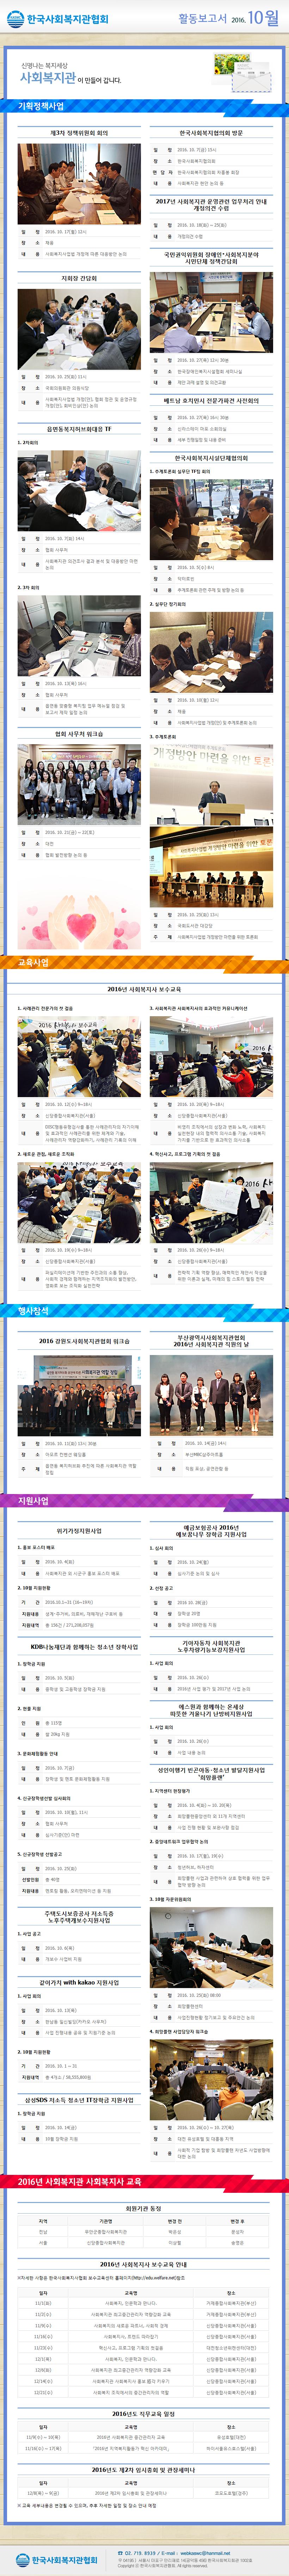 webzine201610.png